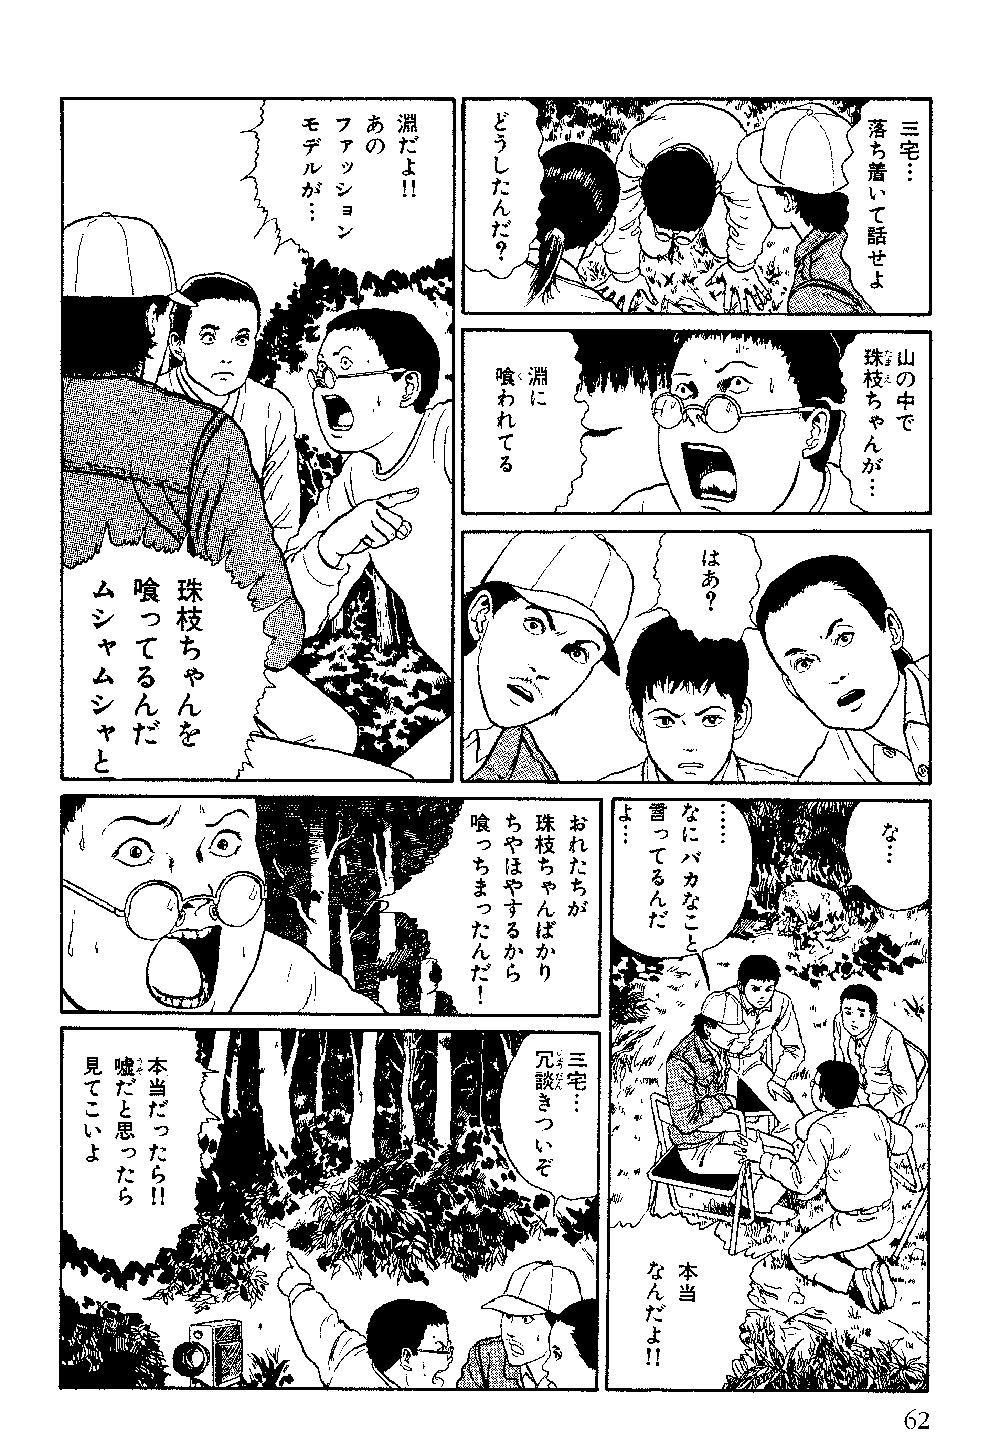 itouj_0006_0064.jpg